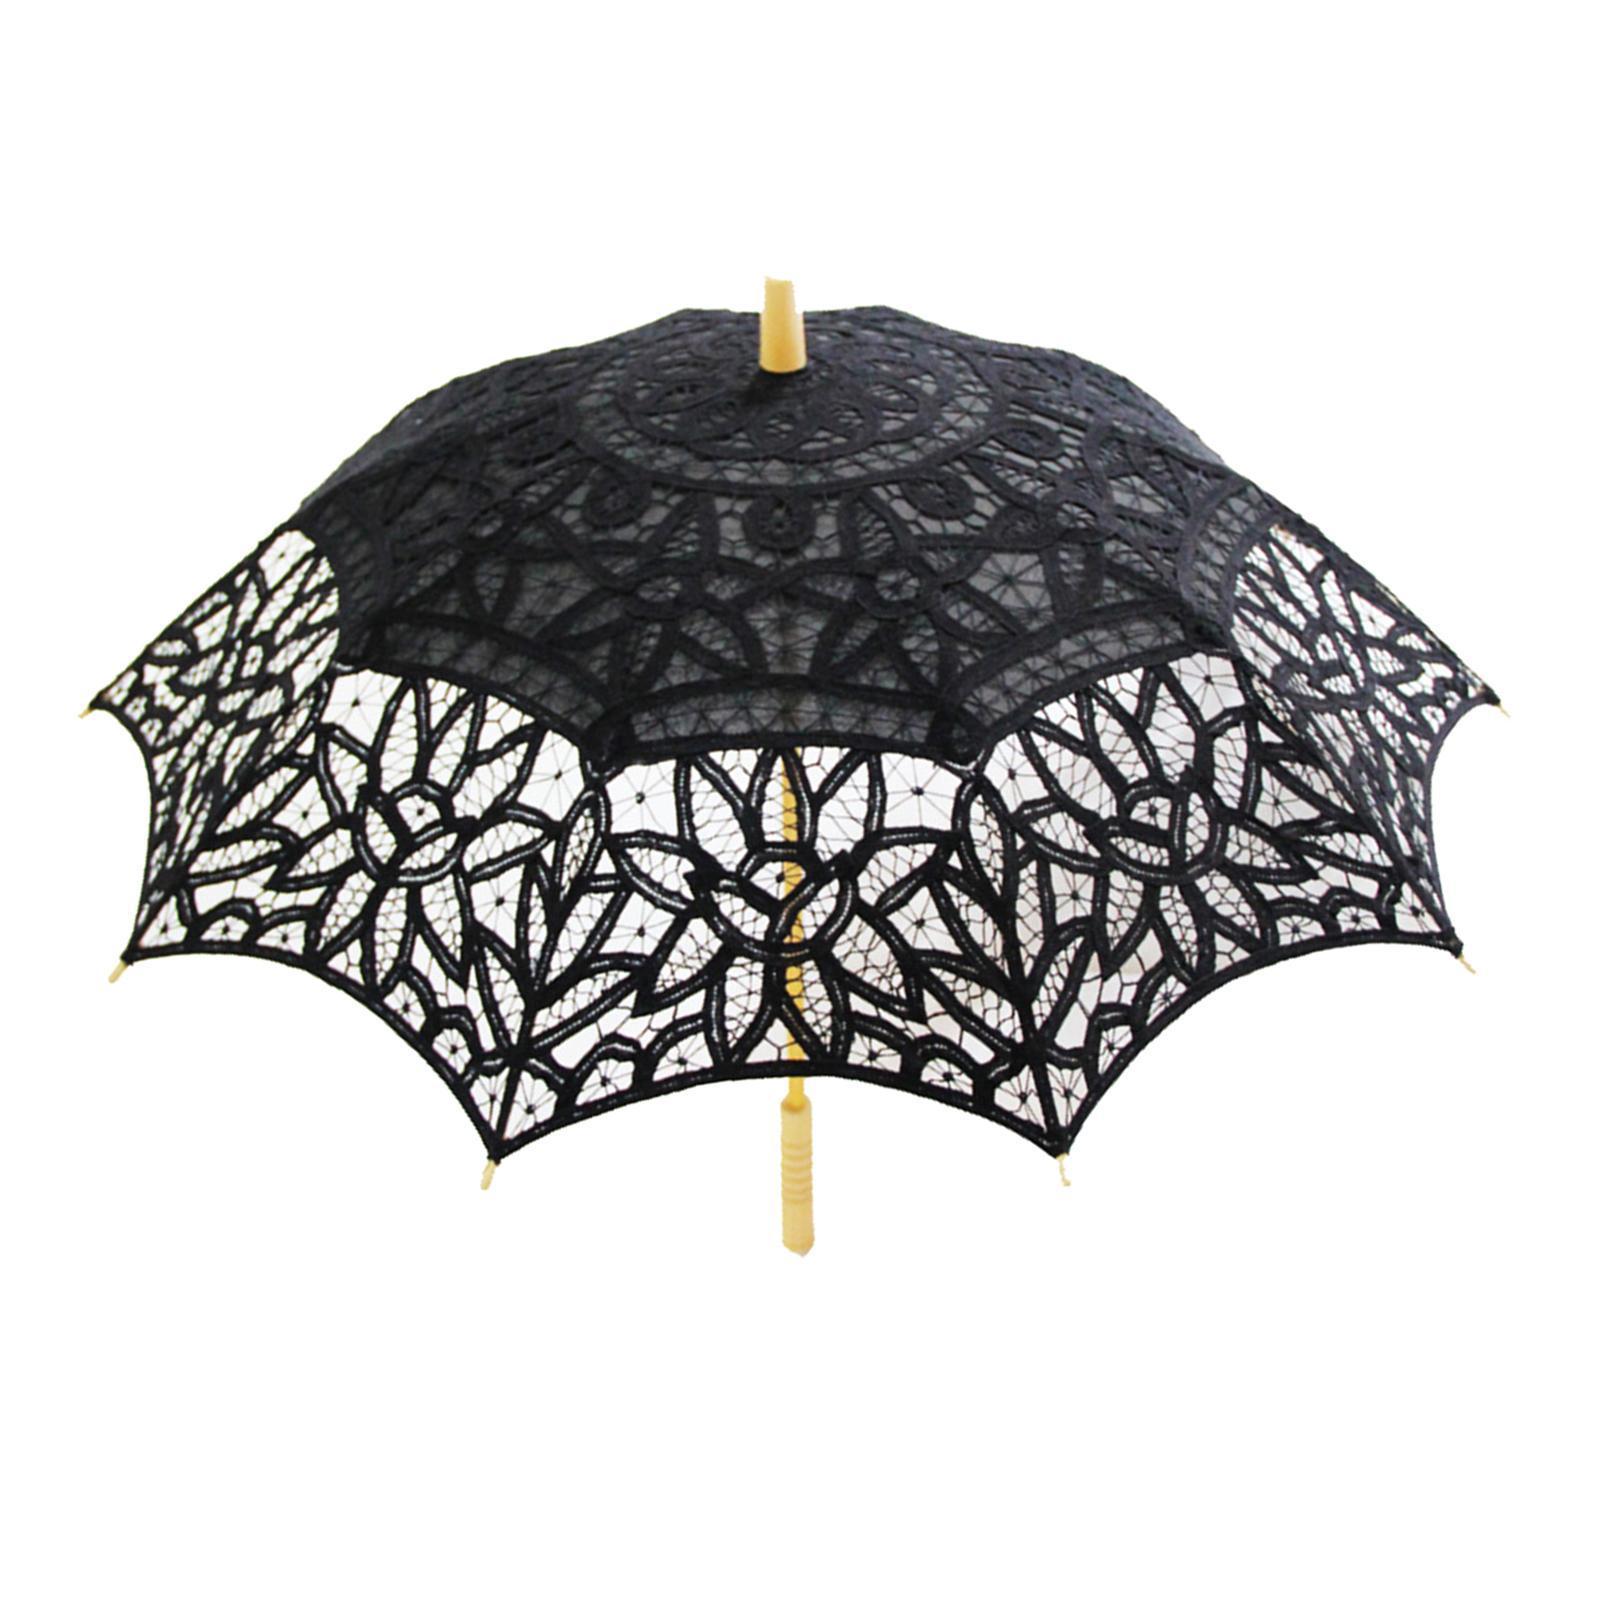 e29f696328d3 Ombrello da sposa in cotone vintage a mano con parasole da sposa